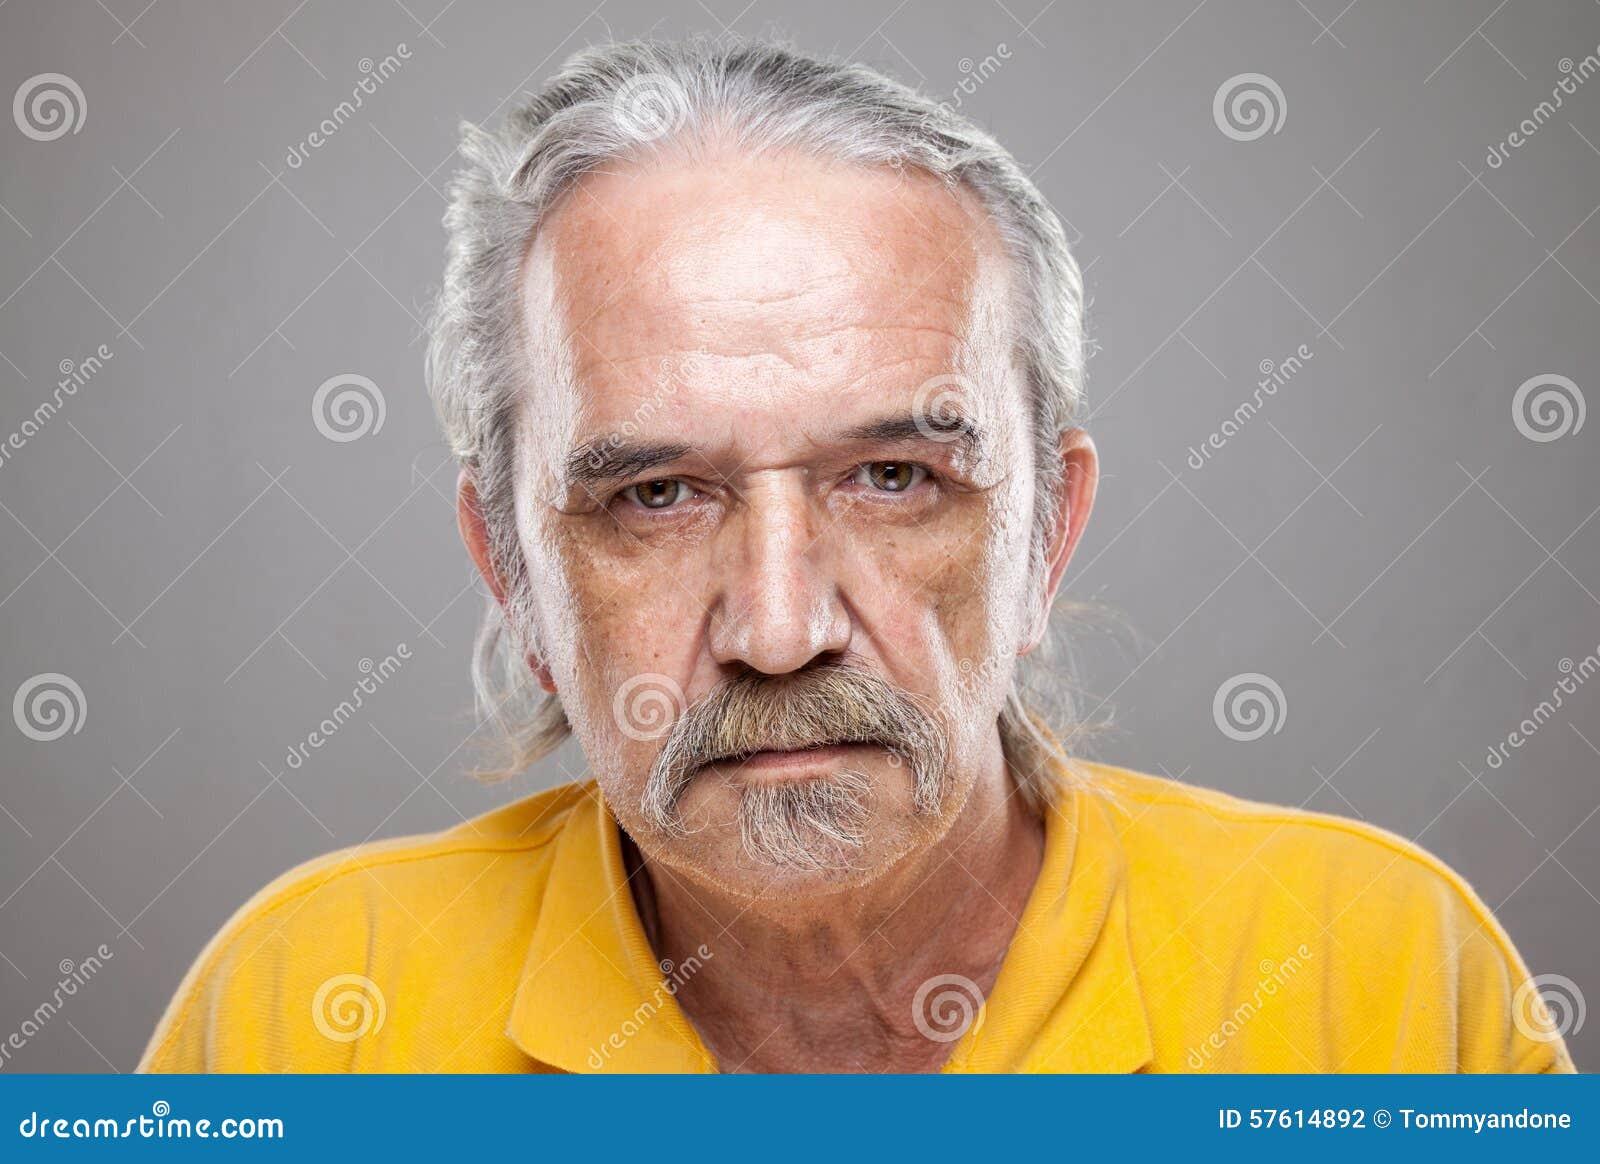 Portriat di un uomo anziano